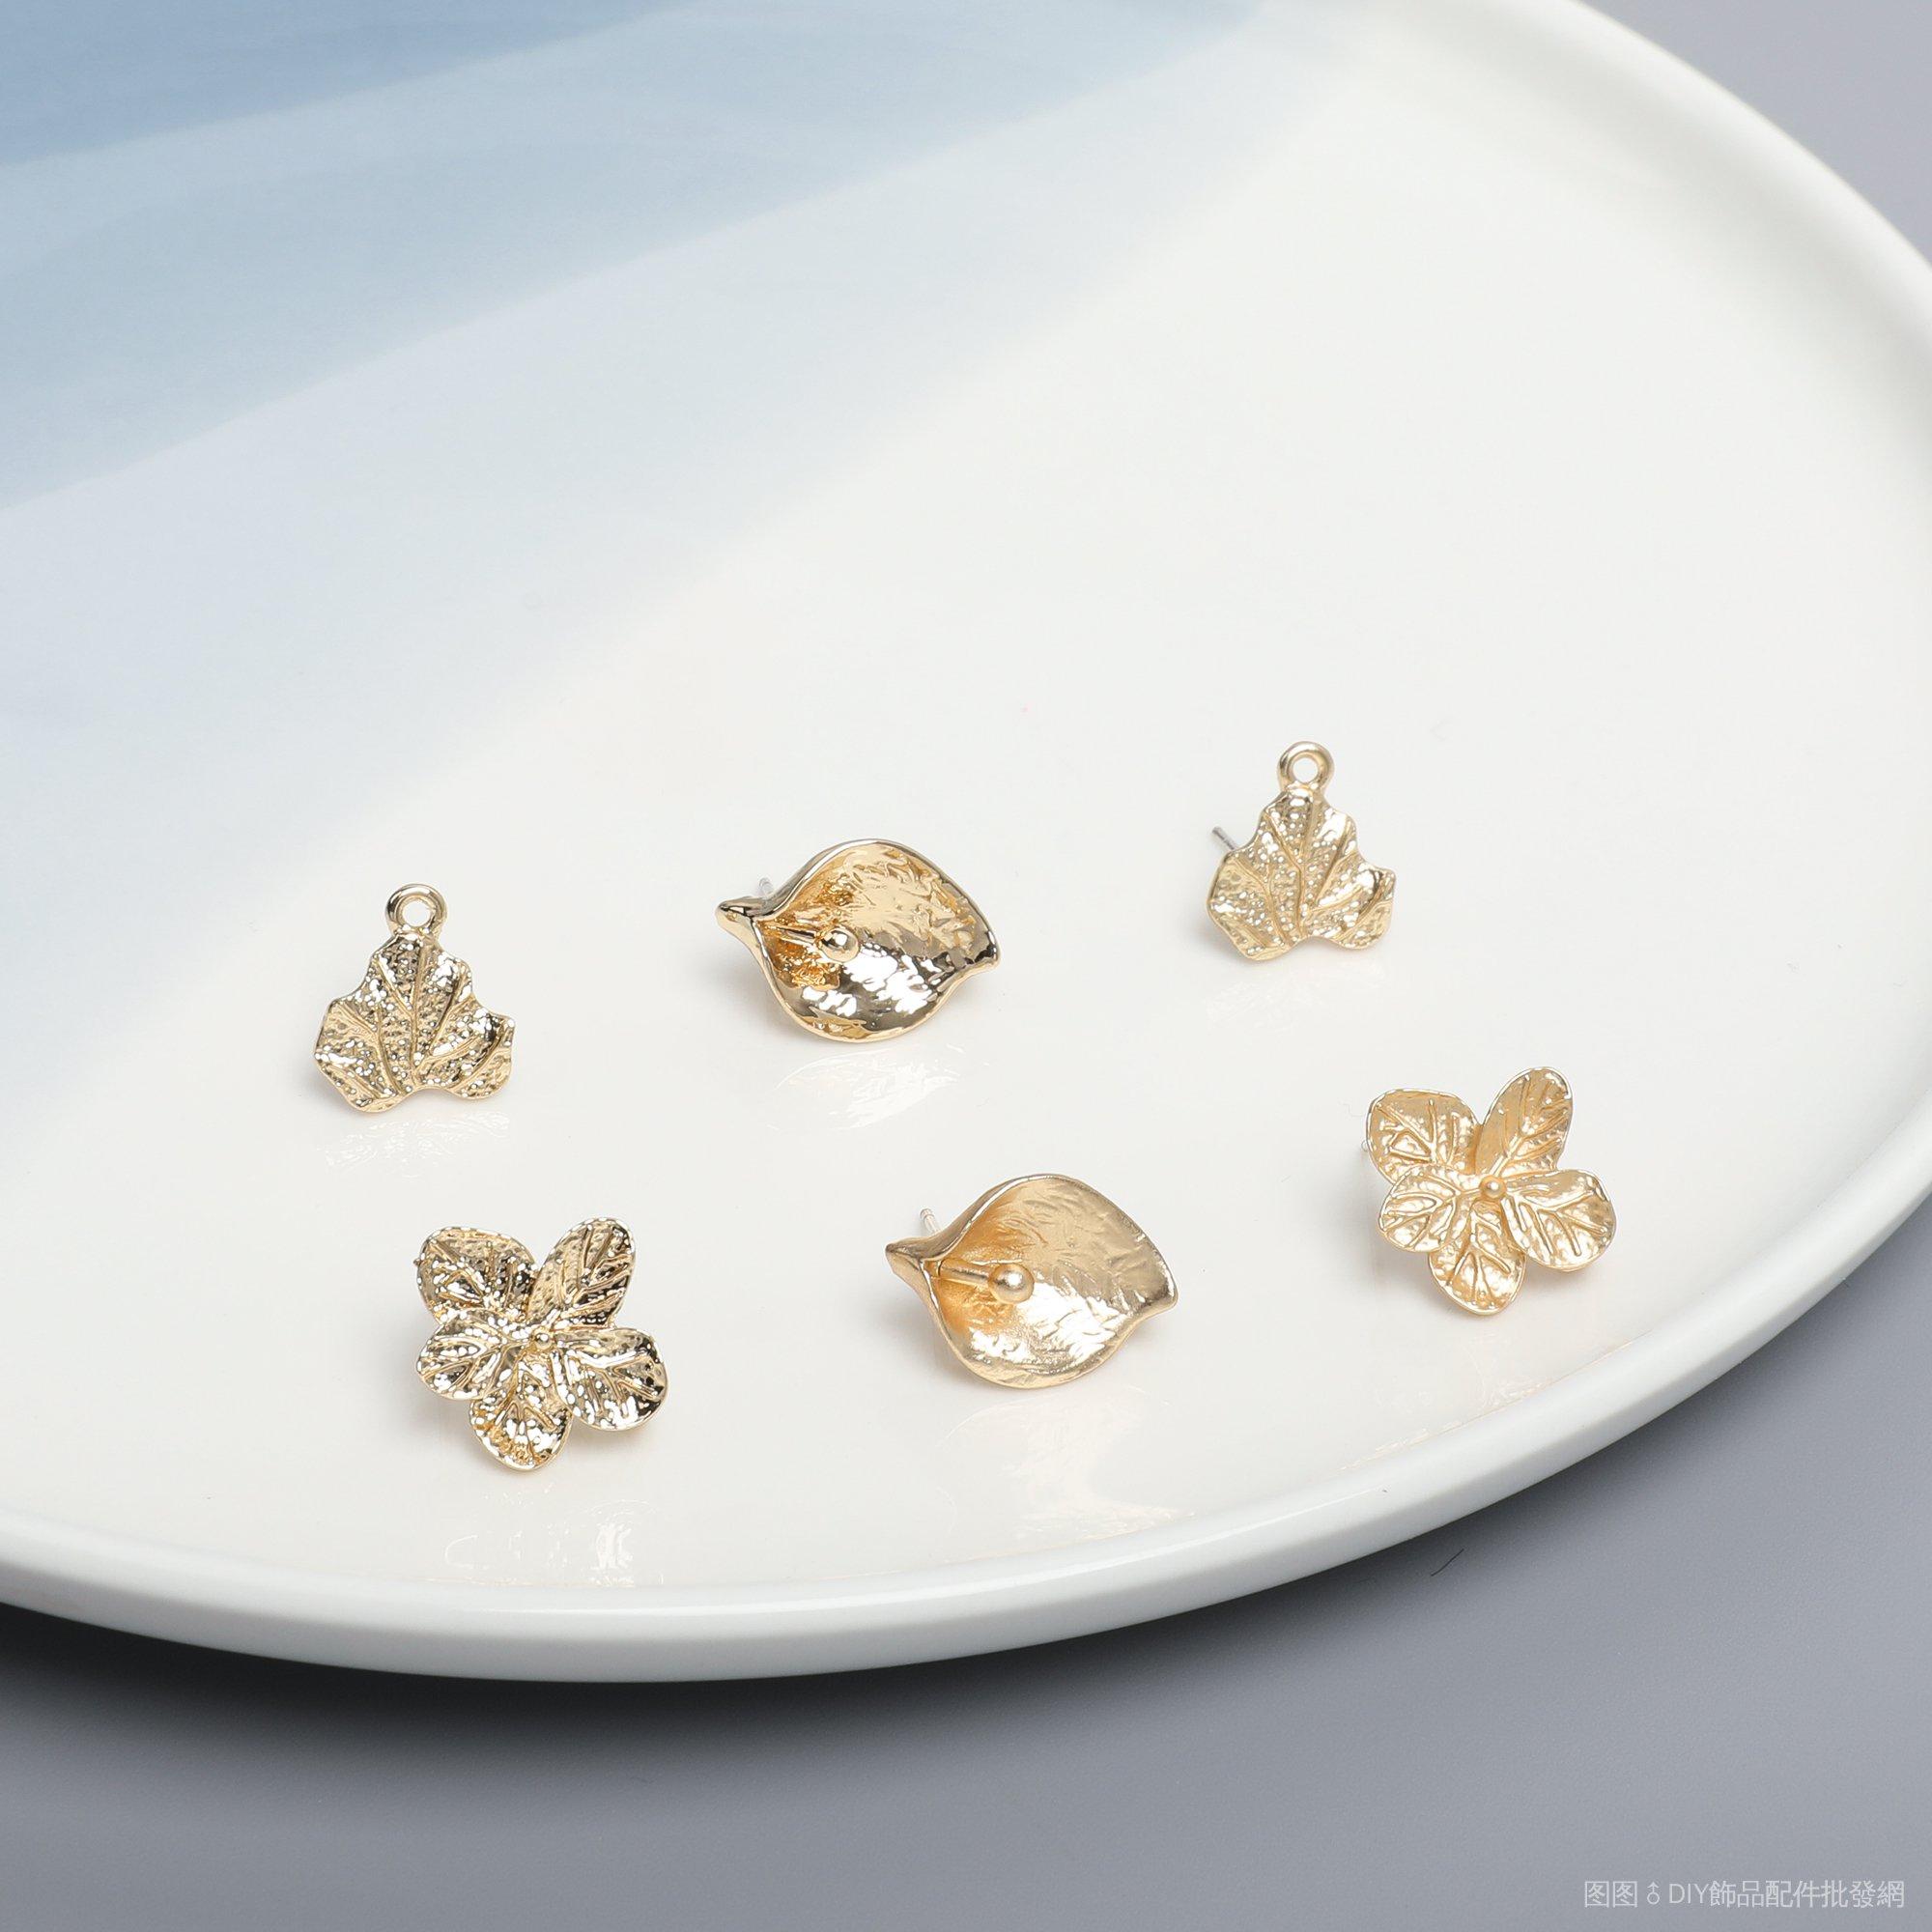 手工DIY/韓國同款復古楓葉馬蹄蓮繡球花合金耳釘DIY手工飾品耳環配件材料